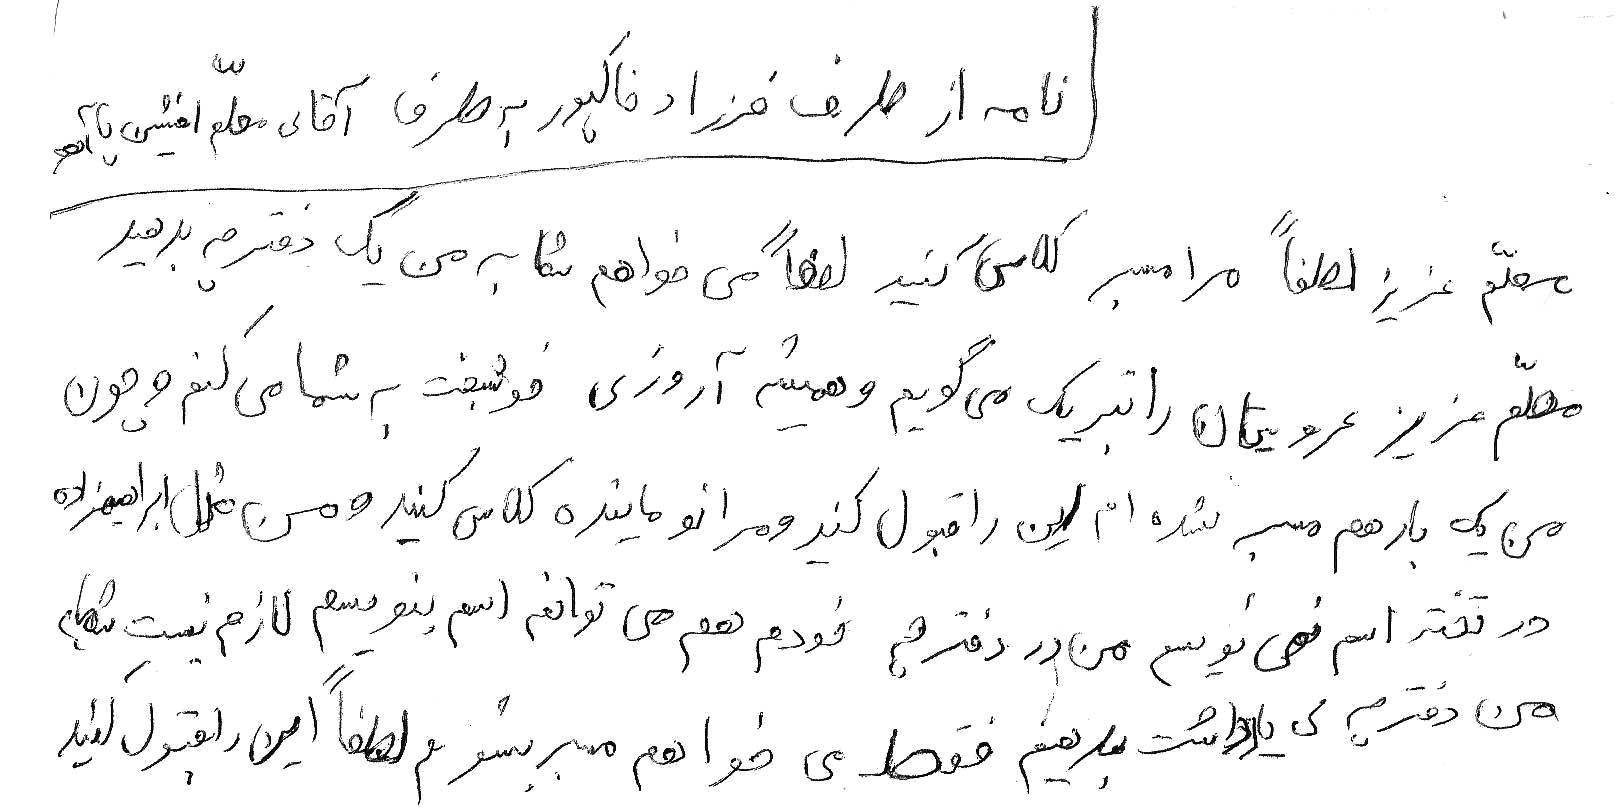 نامه فرزاد خاكپور به معلمش